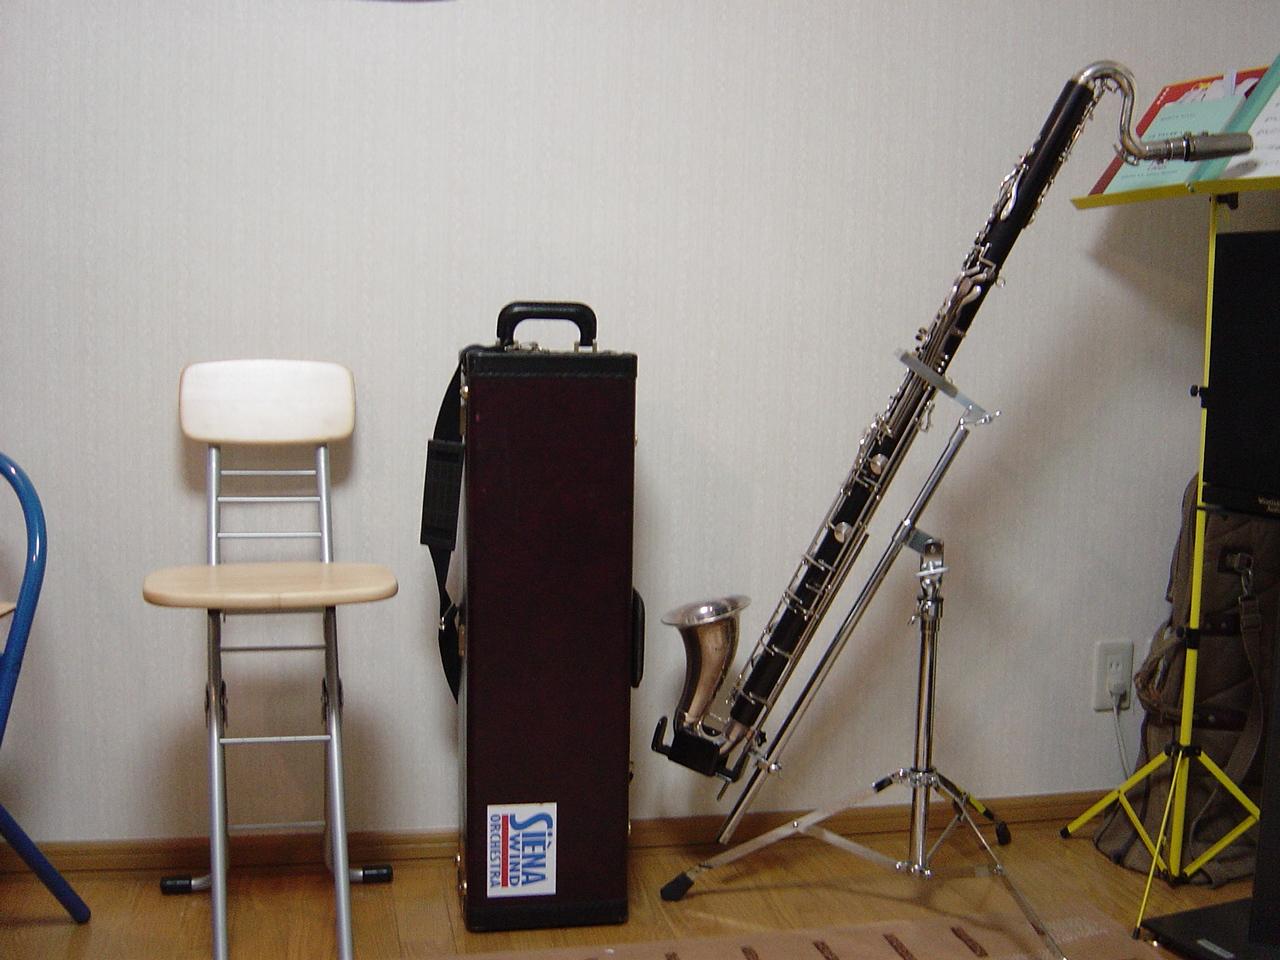 クン 楽器 さかな